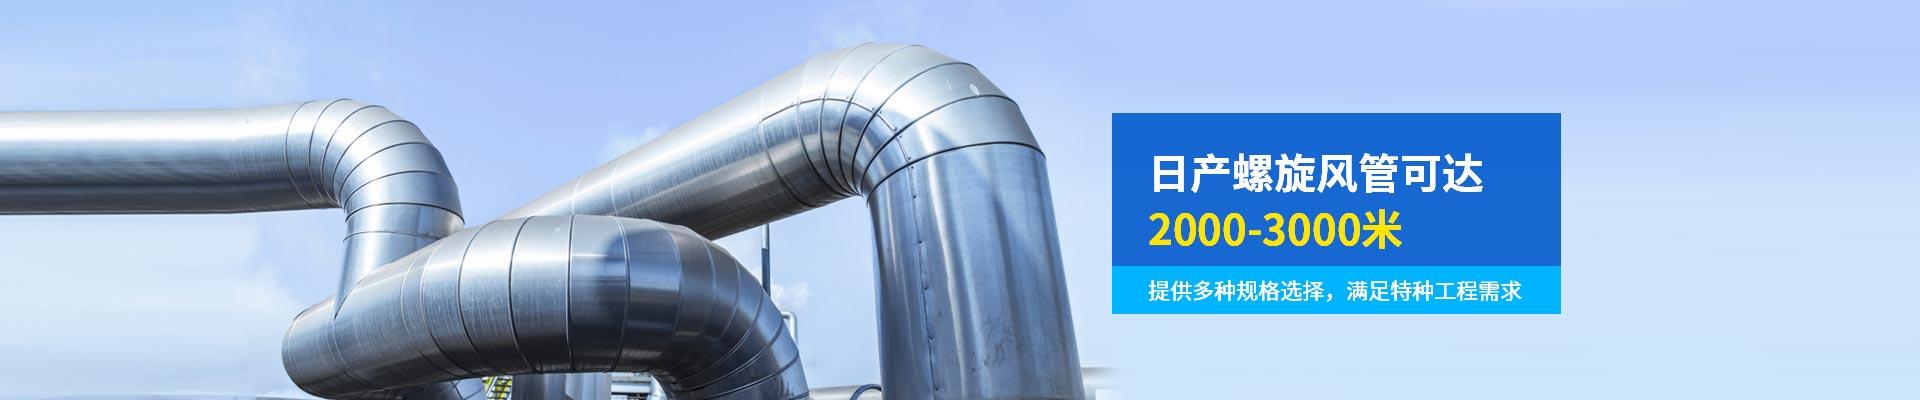 万豫暖通-日产螺旋风管可达2000-3000米